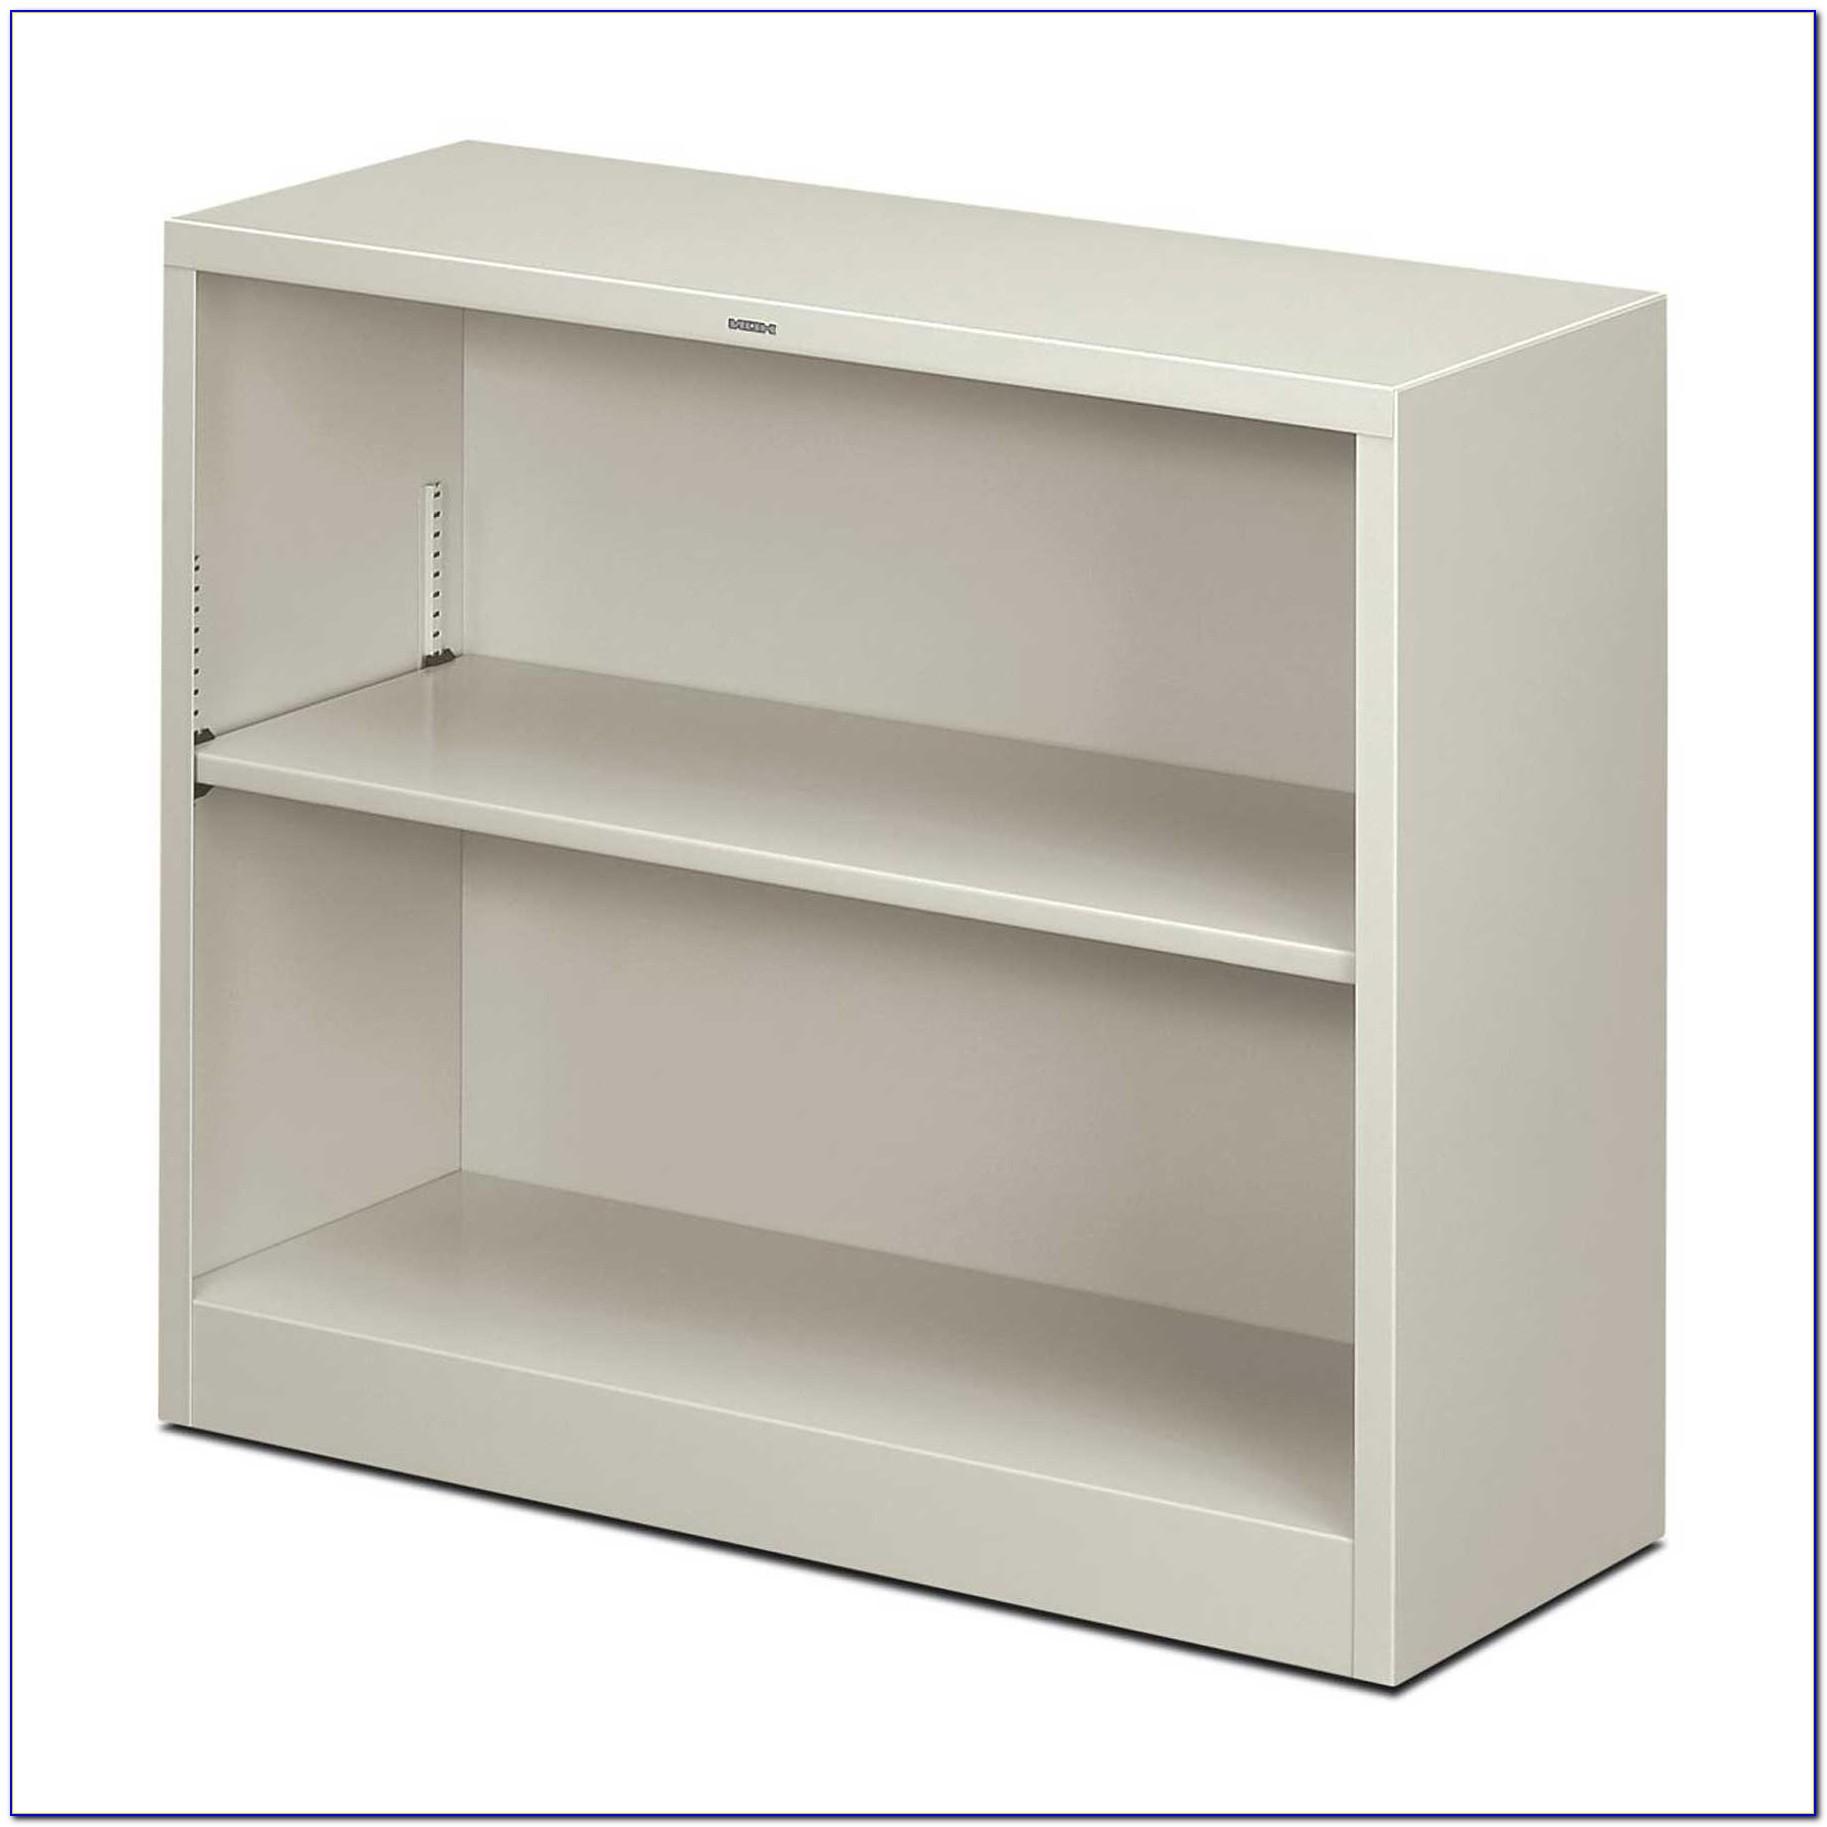 Carson Two Shelf Bookcase White